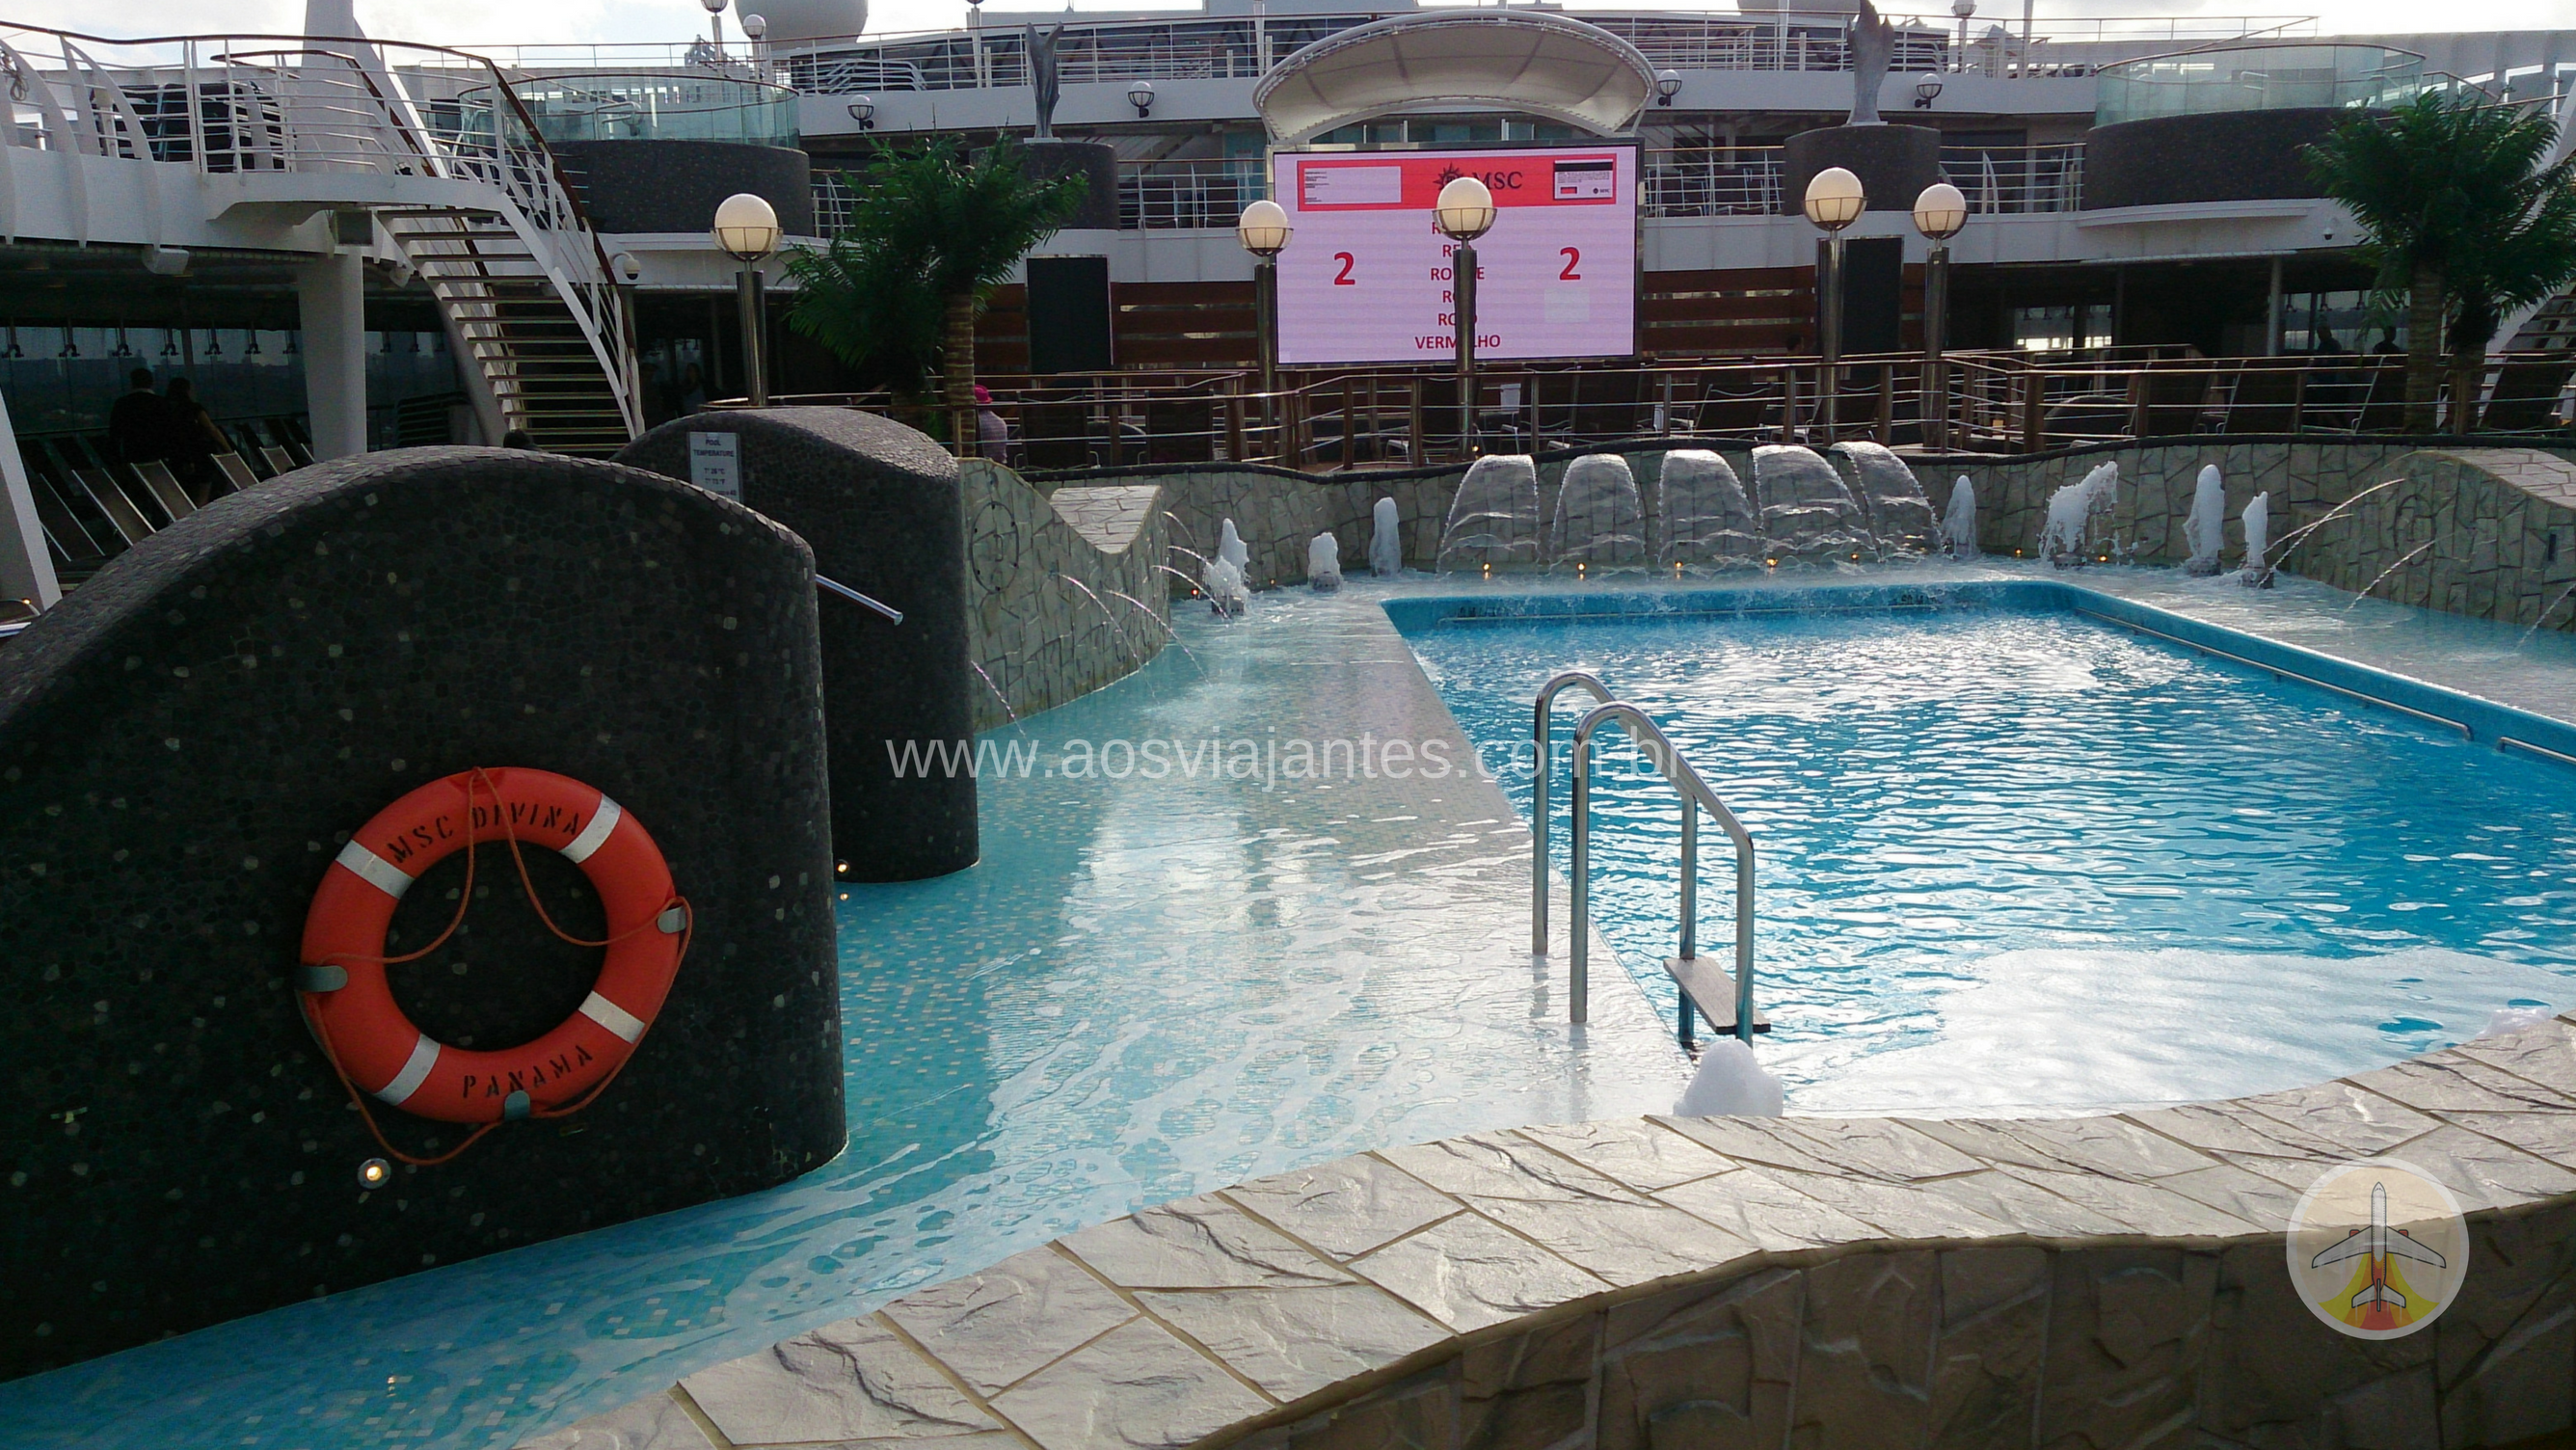 porque-fazer-um-cruzeiro-piscinas Porque fazer um cruzeiro no Caribe? (10 motivos e 1 bonus!)